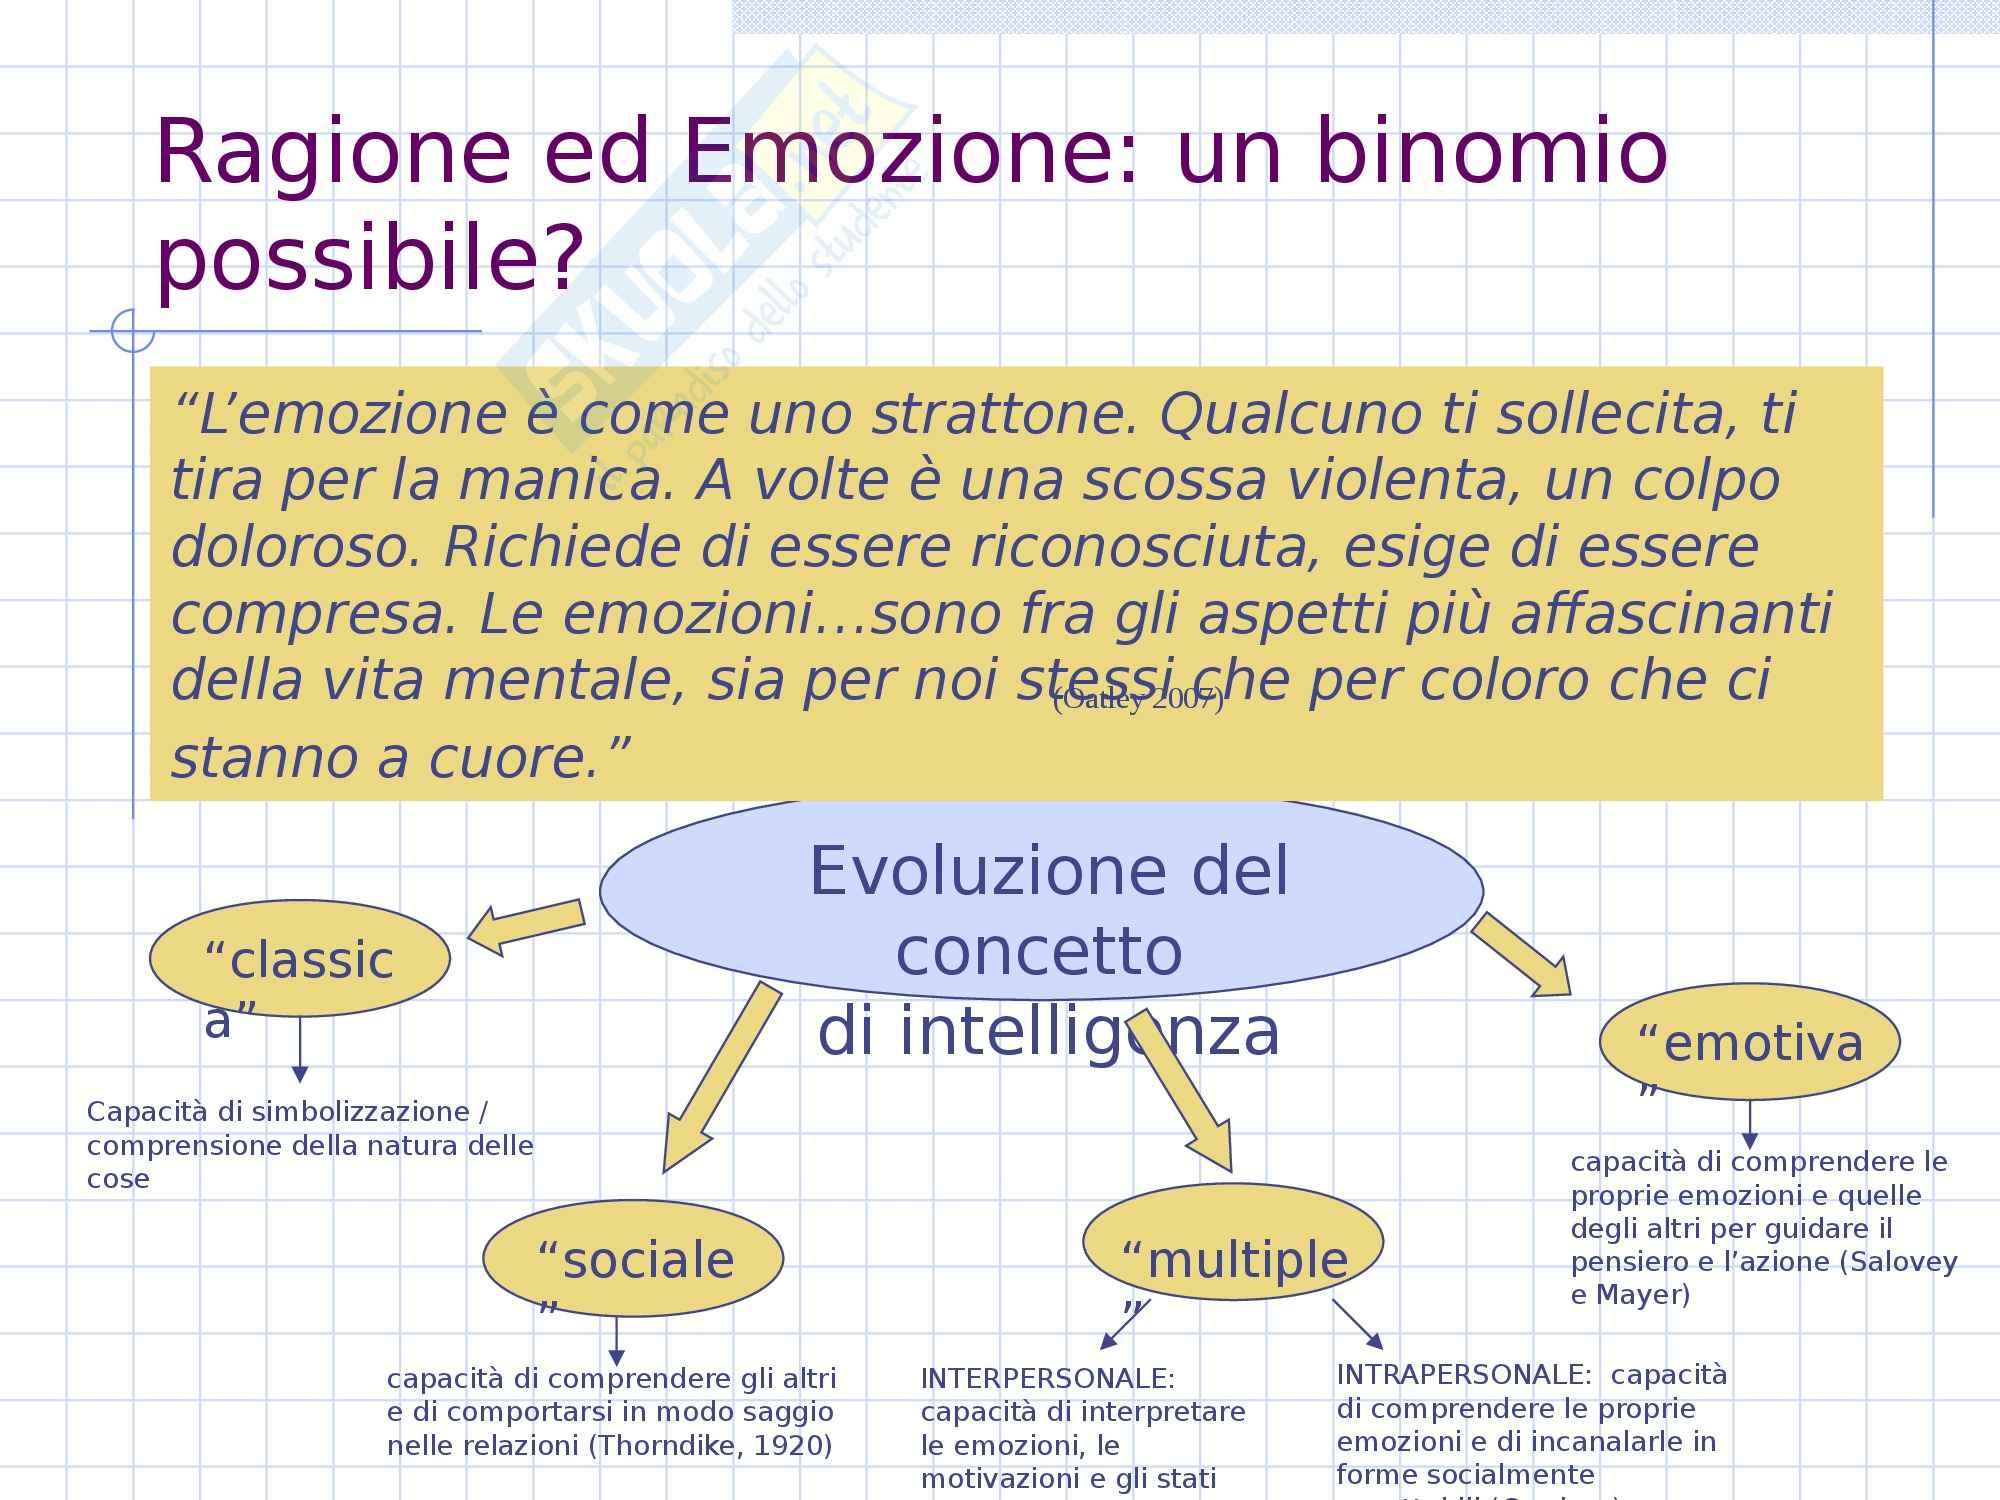 Psicologia generale - Ragione ed emozione: un binomio possibile? Pag. 2